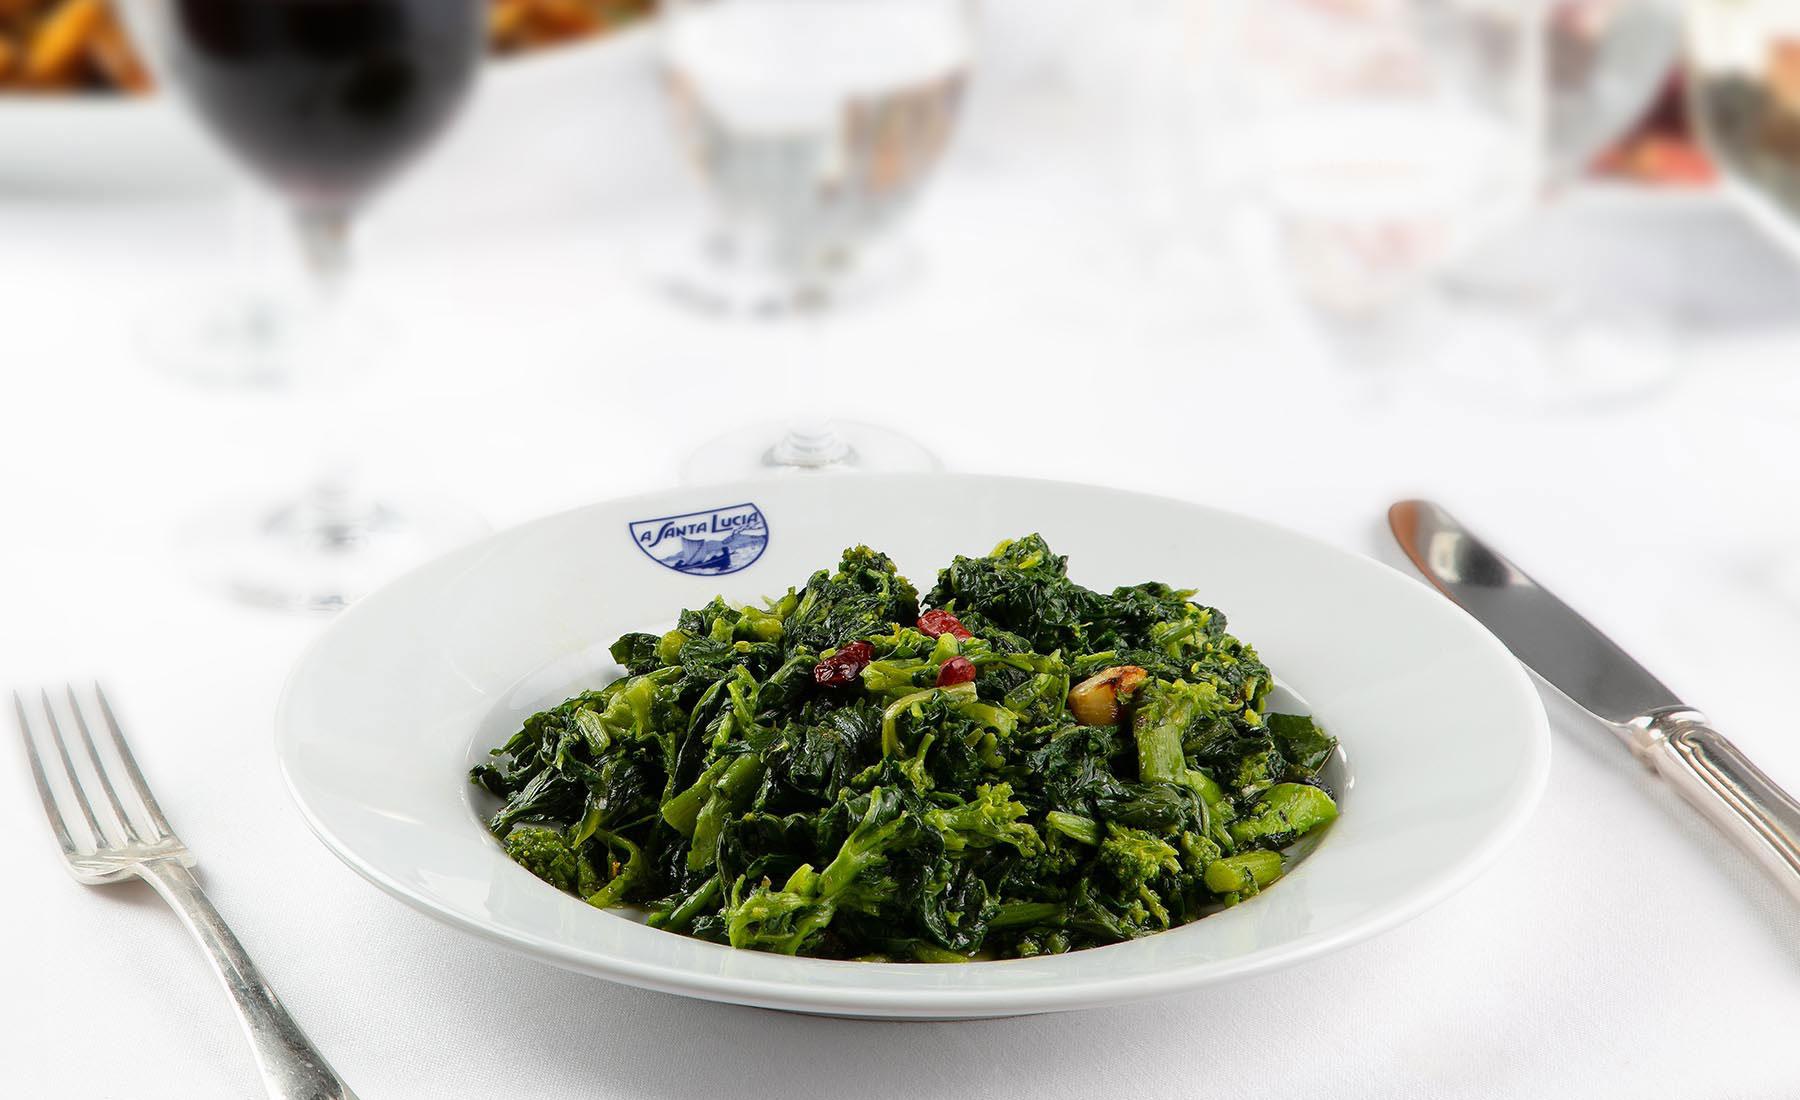 Cime di rape (tunip greens) oil, garlic and red pepper